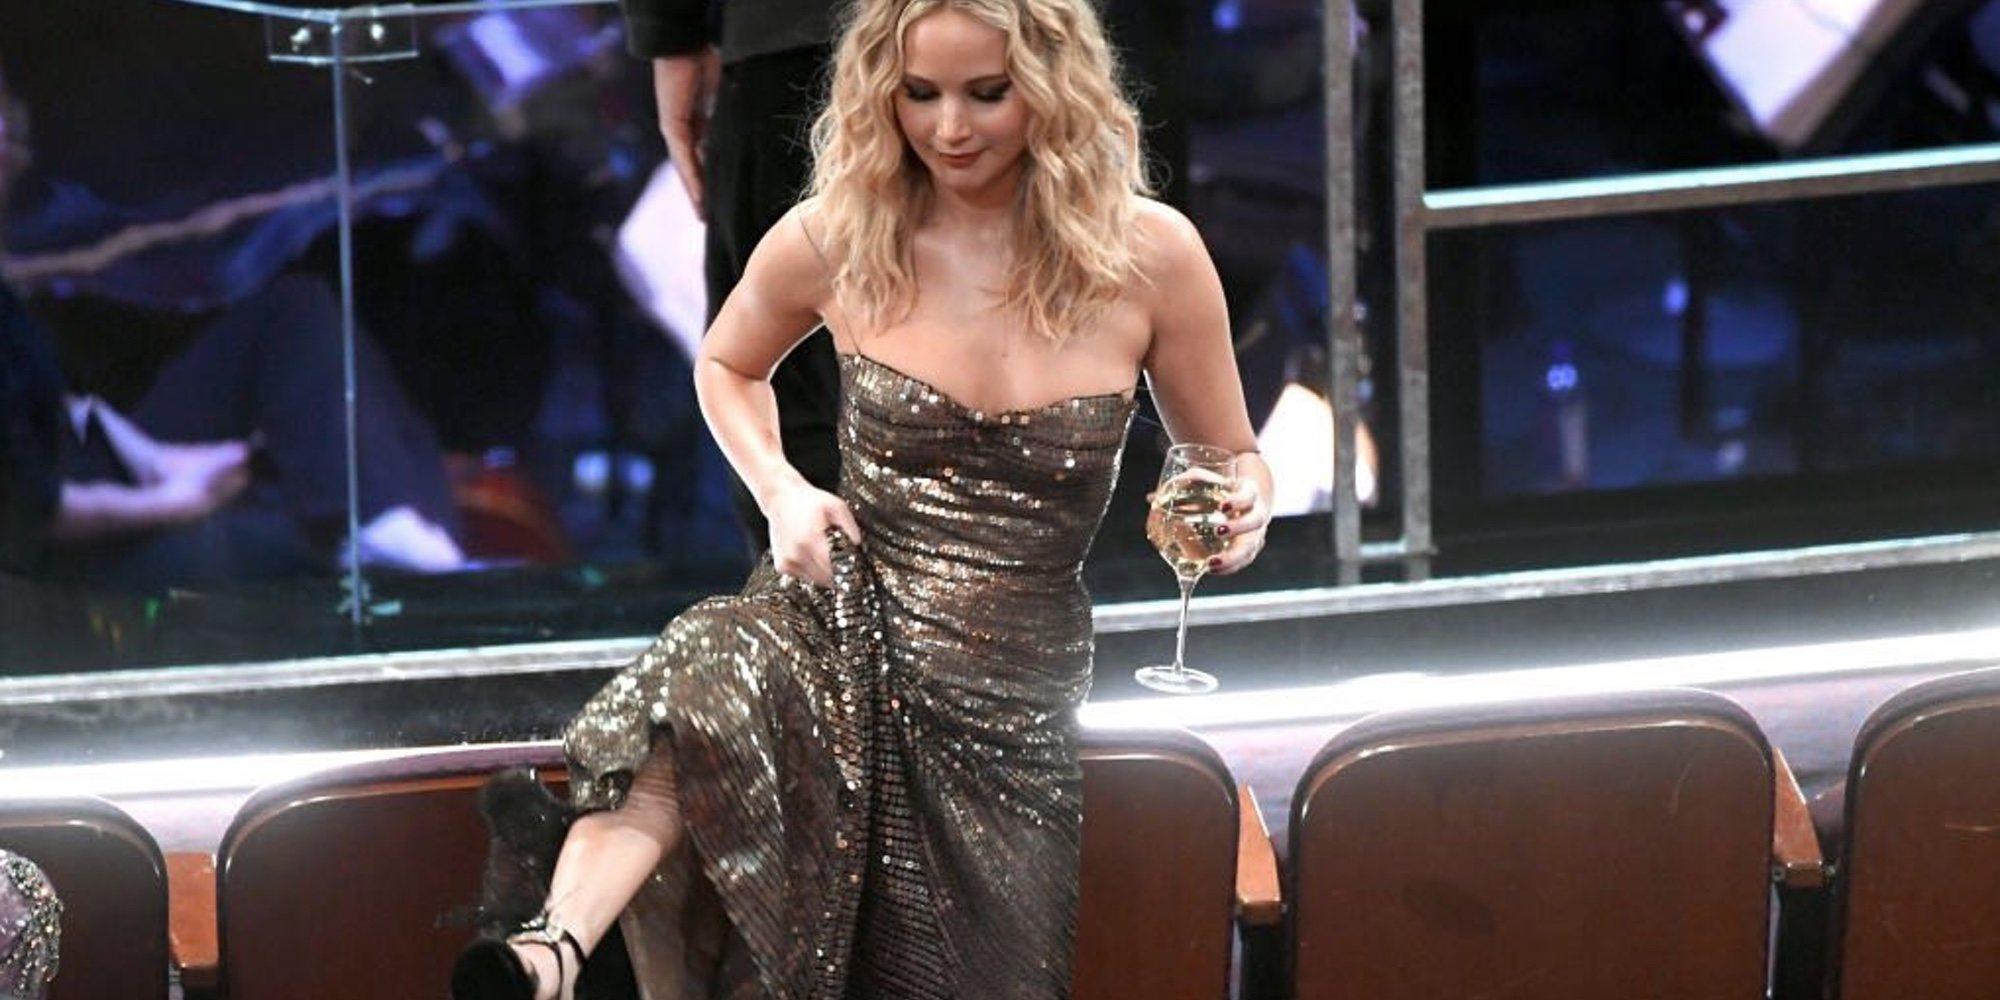 Los Oscar 2018: De Jennifer Lawrence saltando entre sillones al discurso feminista de Frances McDormand